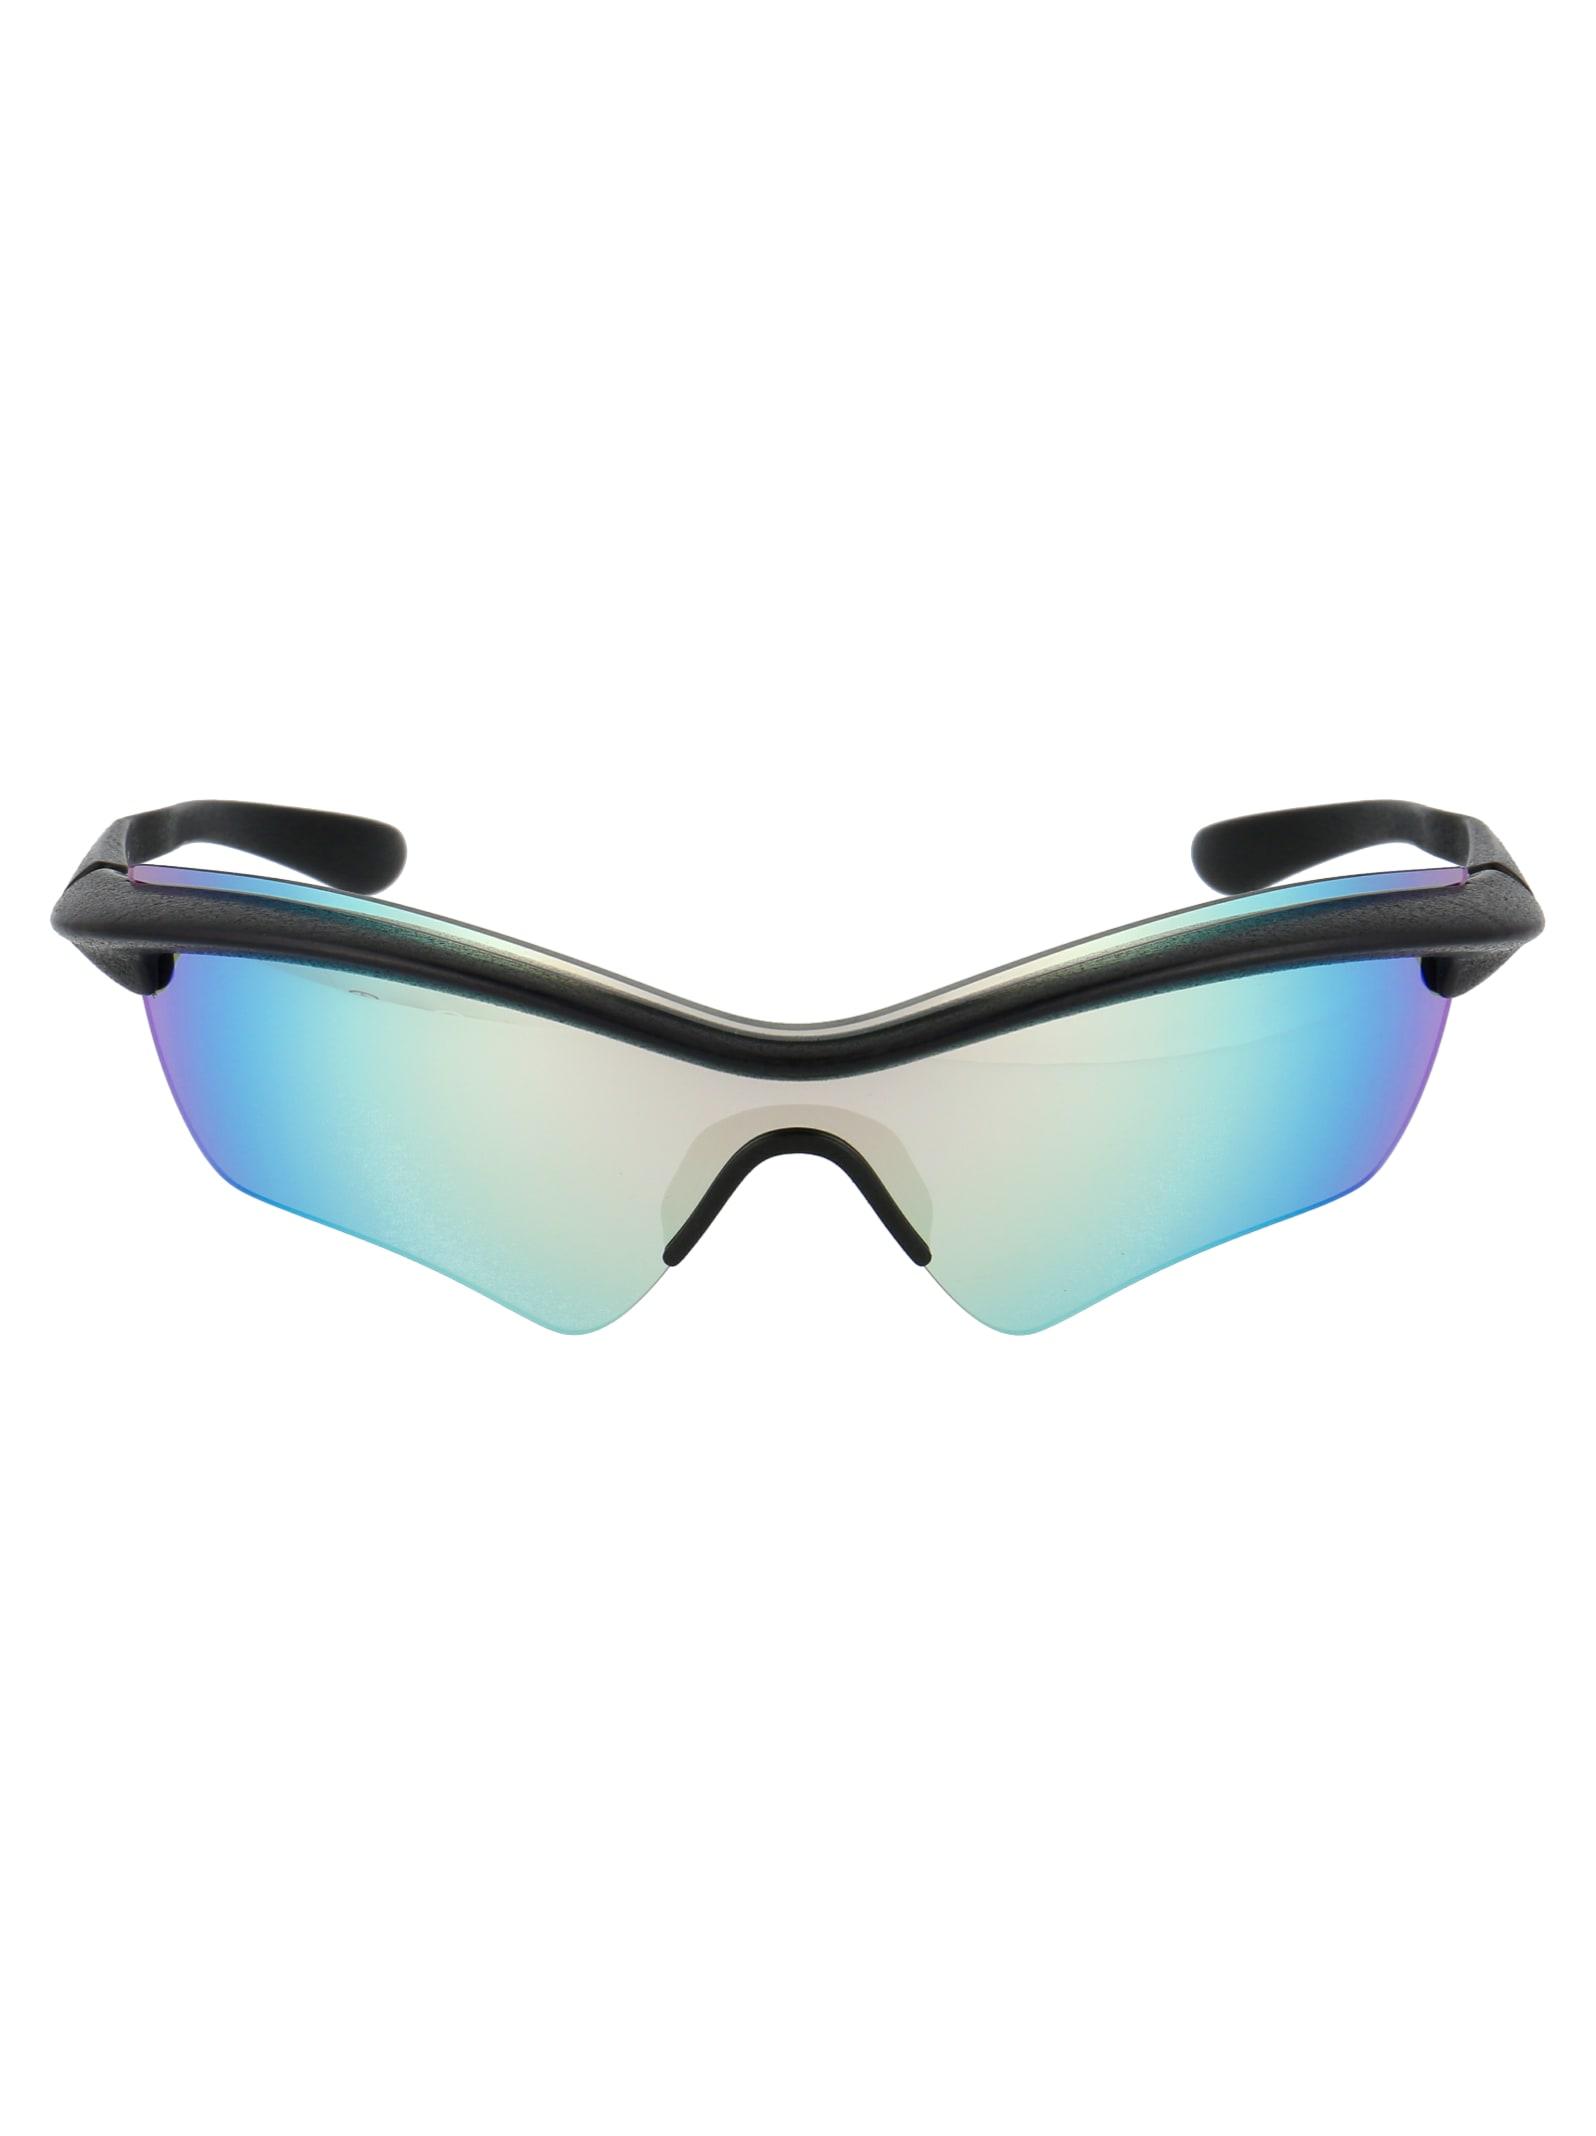 Mykita Mmecho005 Sunglasses